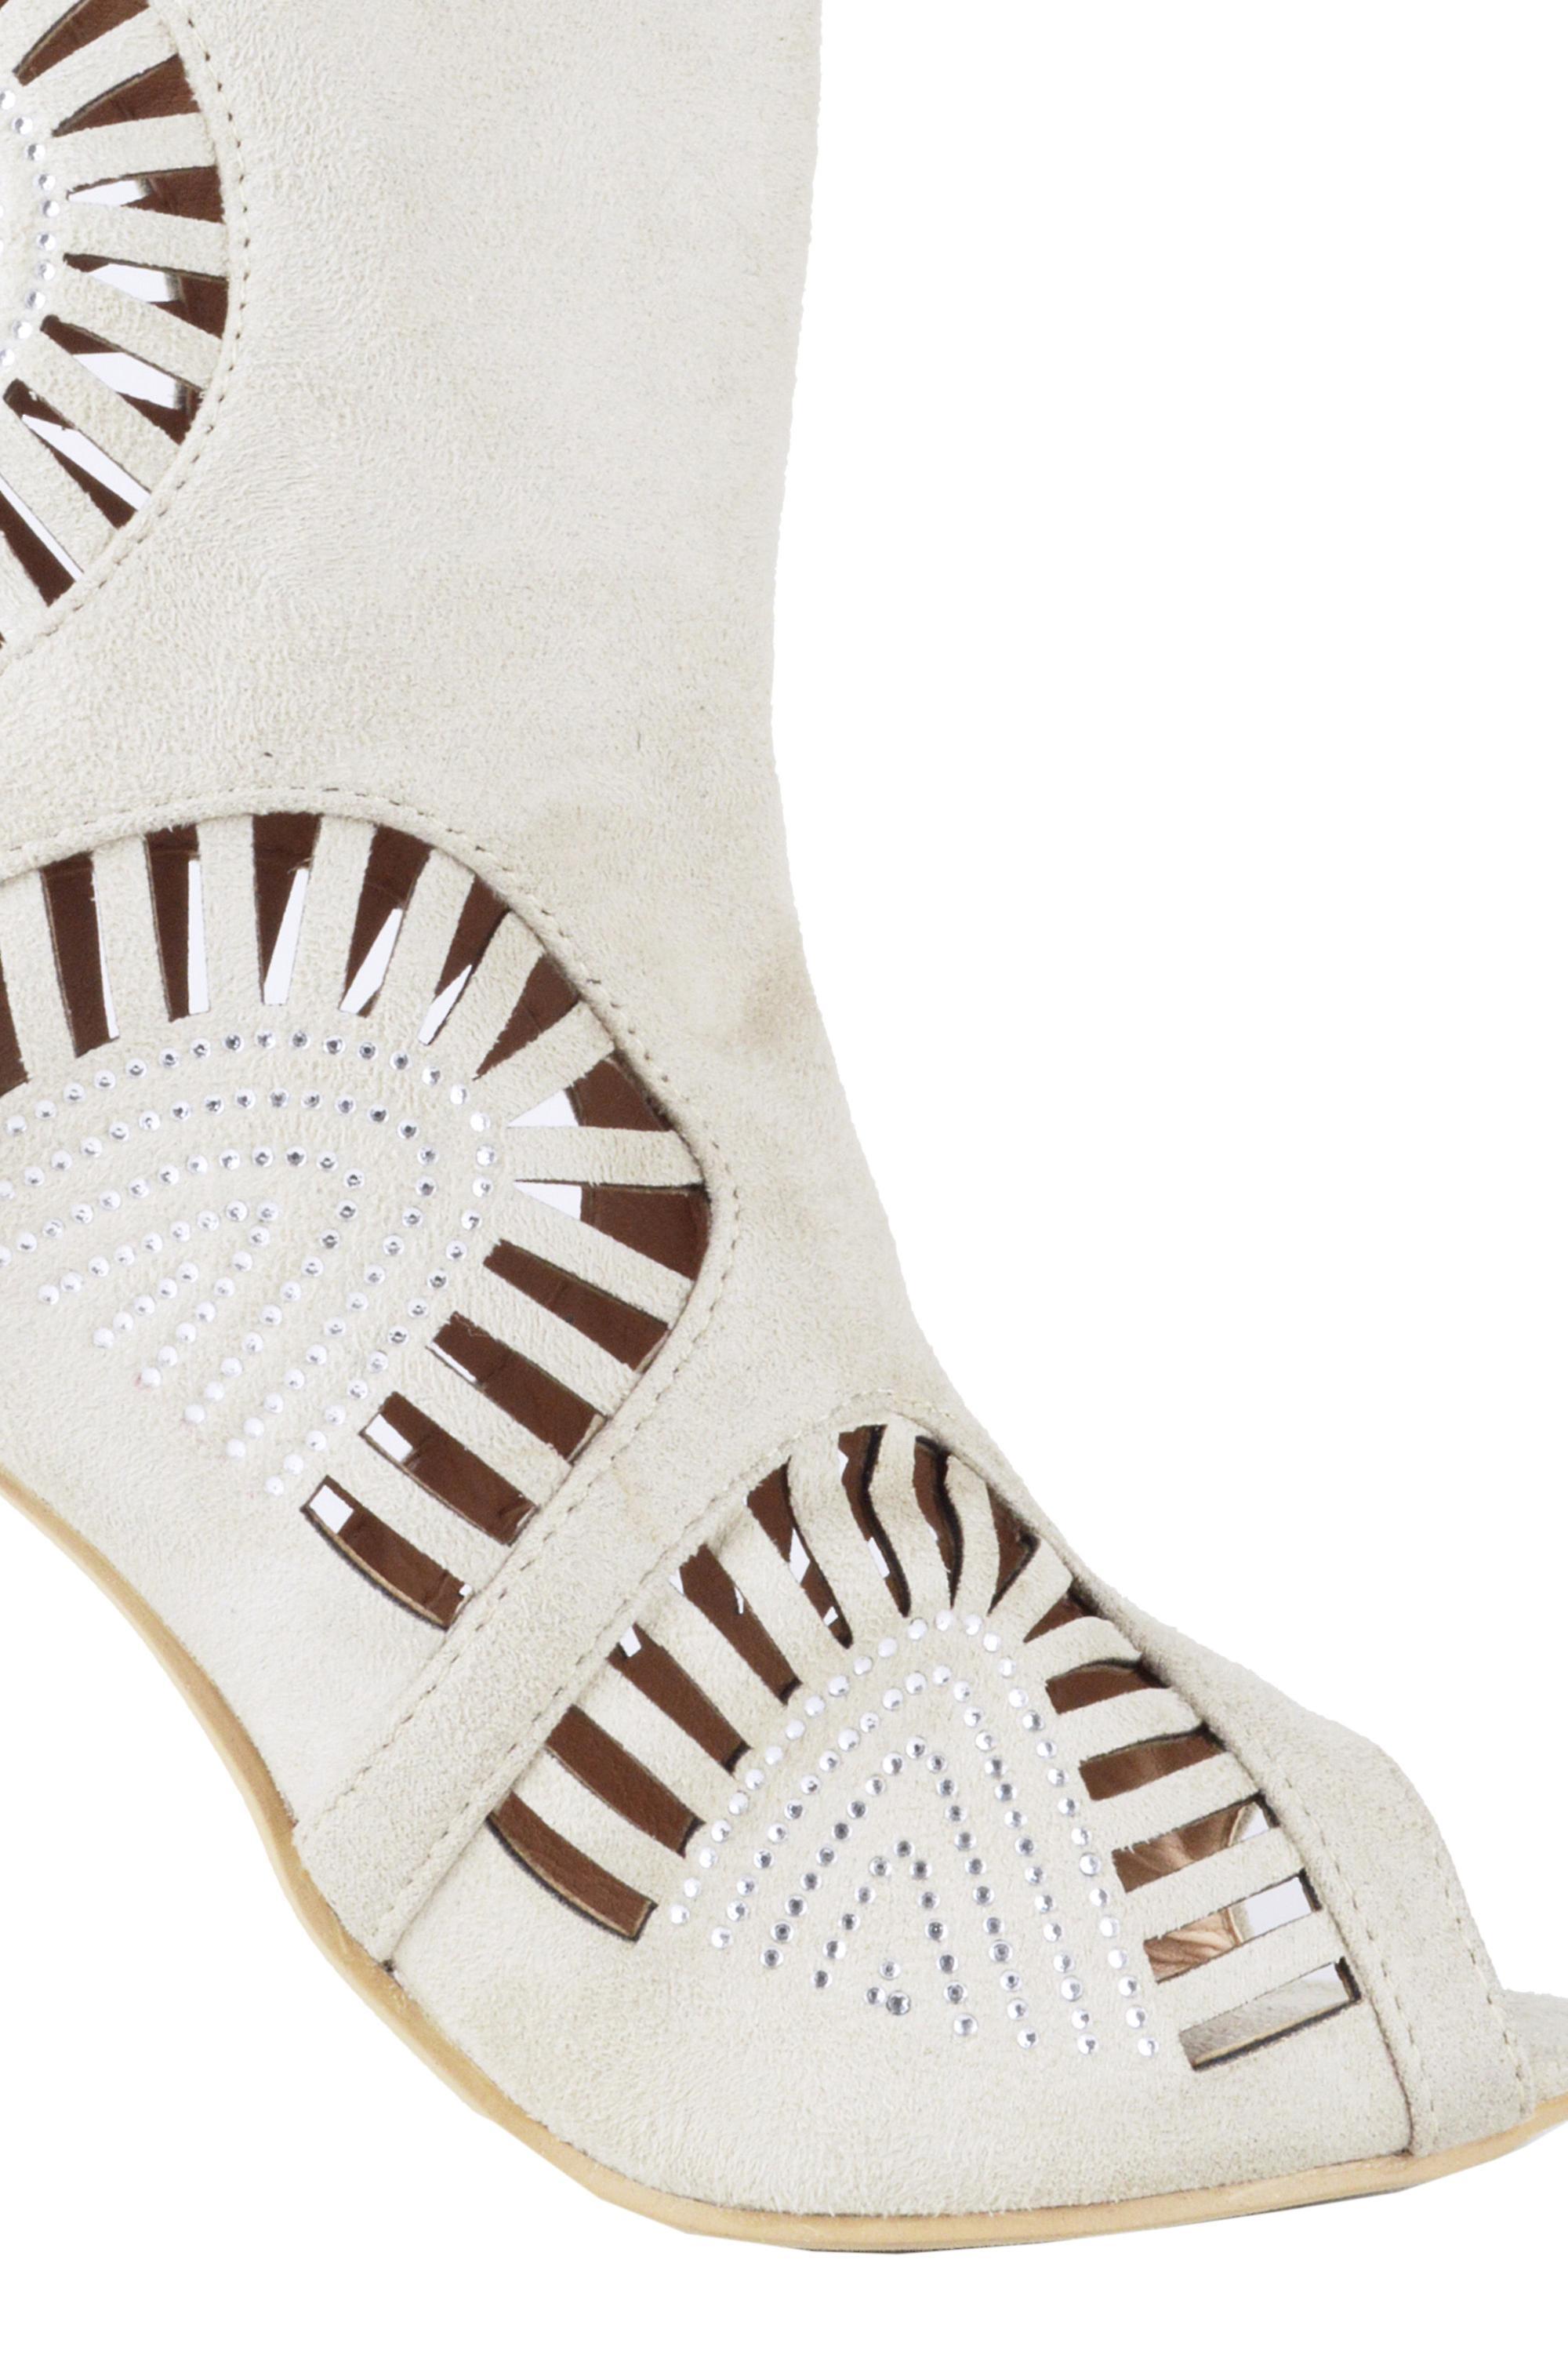 Lovemystyle Suede Laser Cut Stiletto heel Sandals In Nude